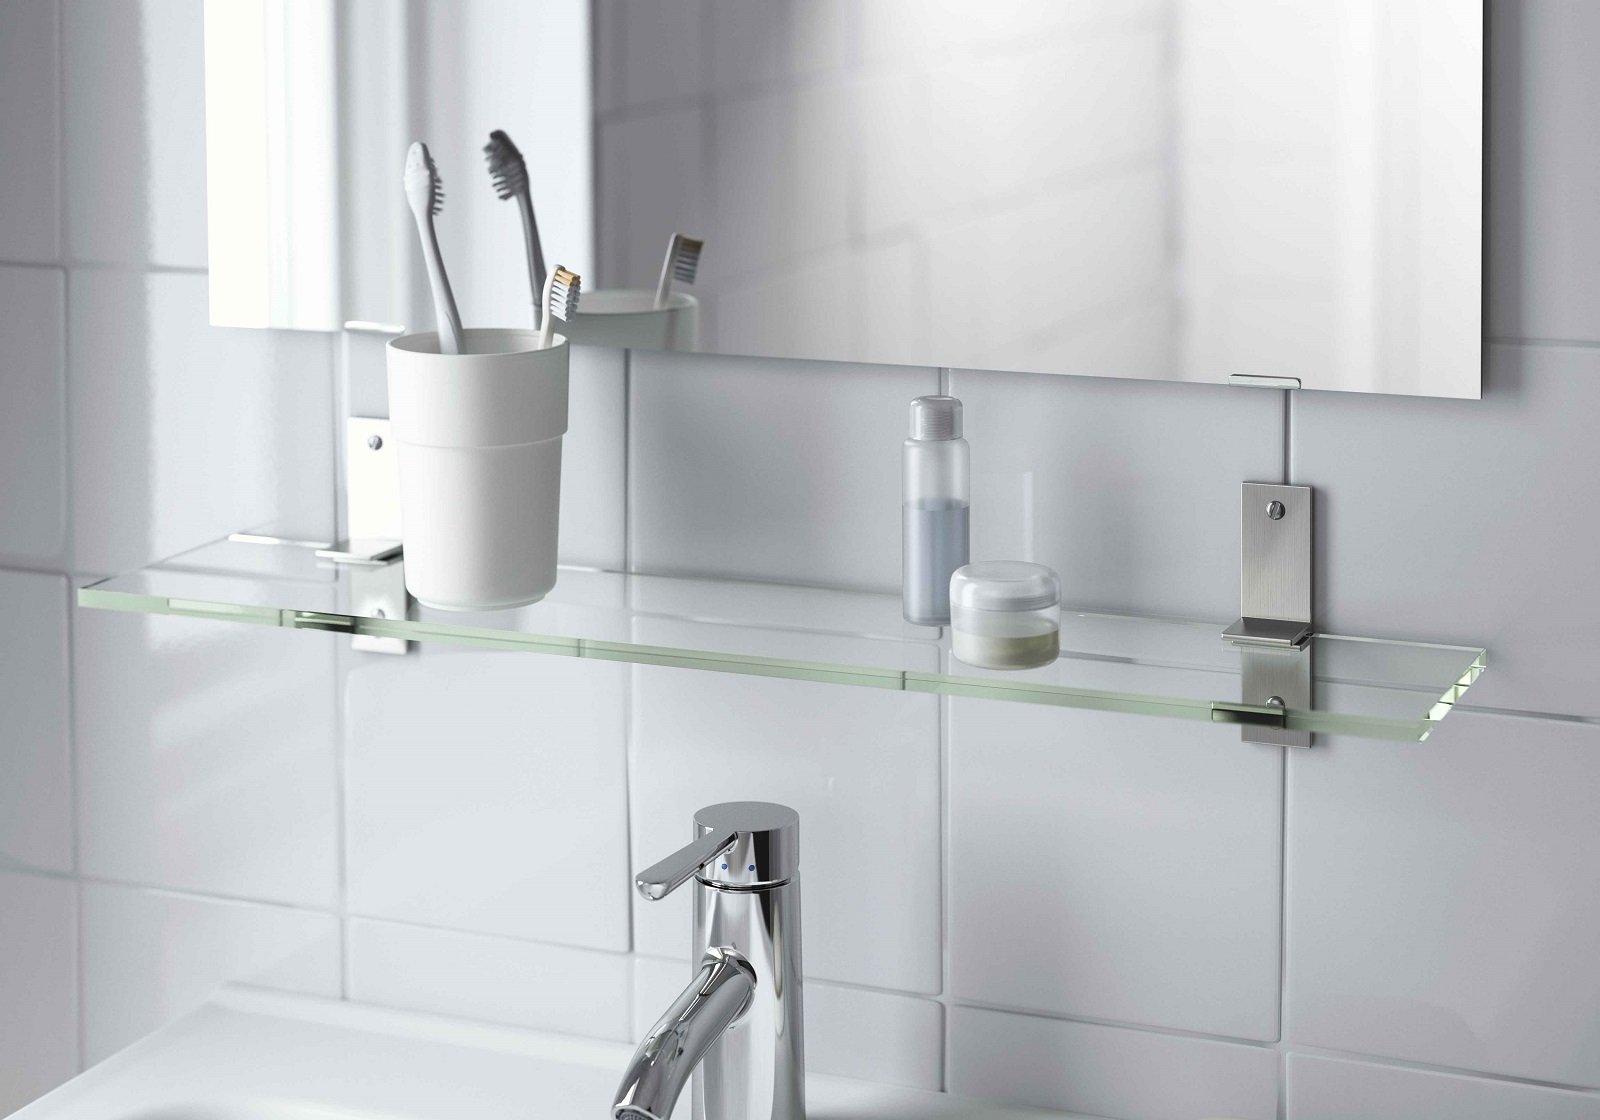 Mobile Sotto Mensola Bagno mensole bagno: singole o in combinazioni d'effetto - cose di